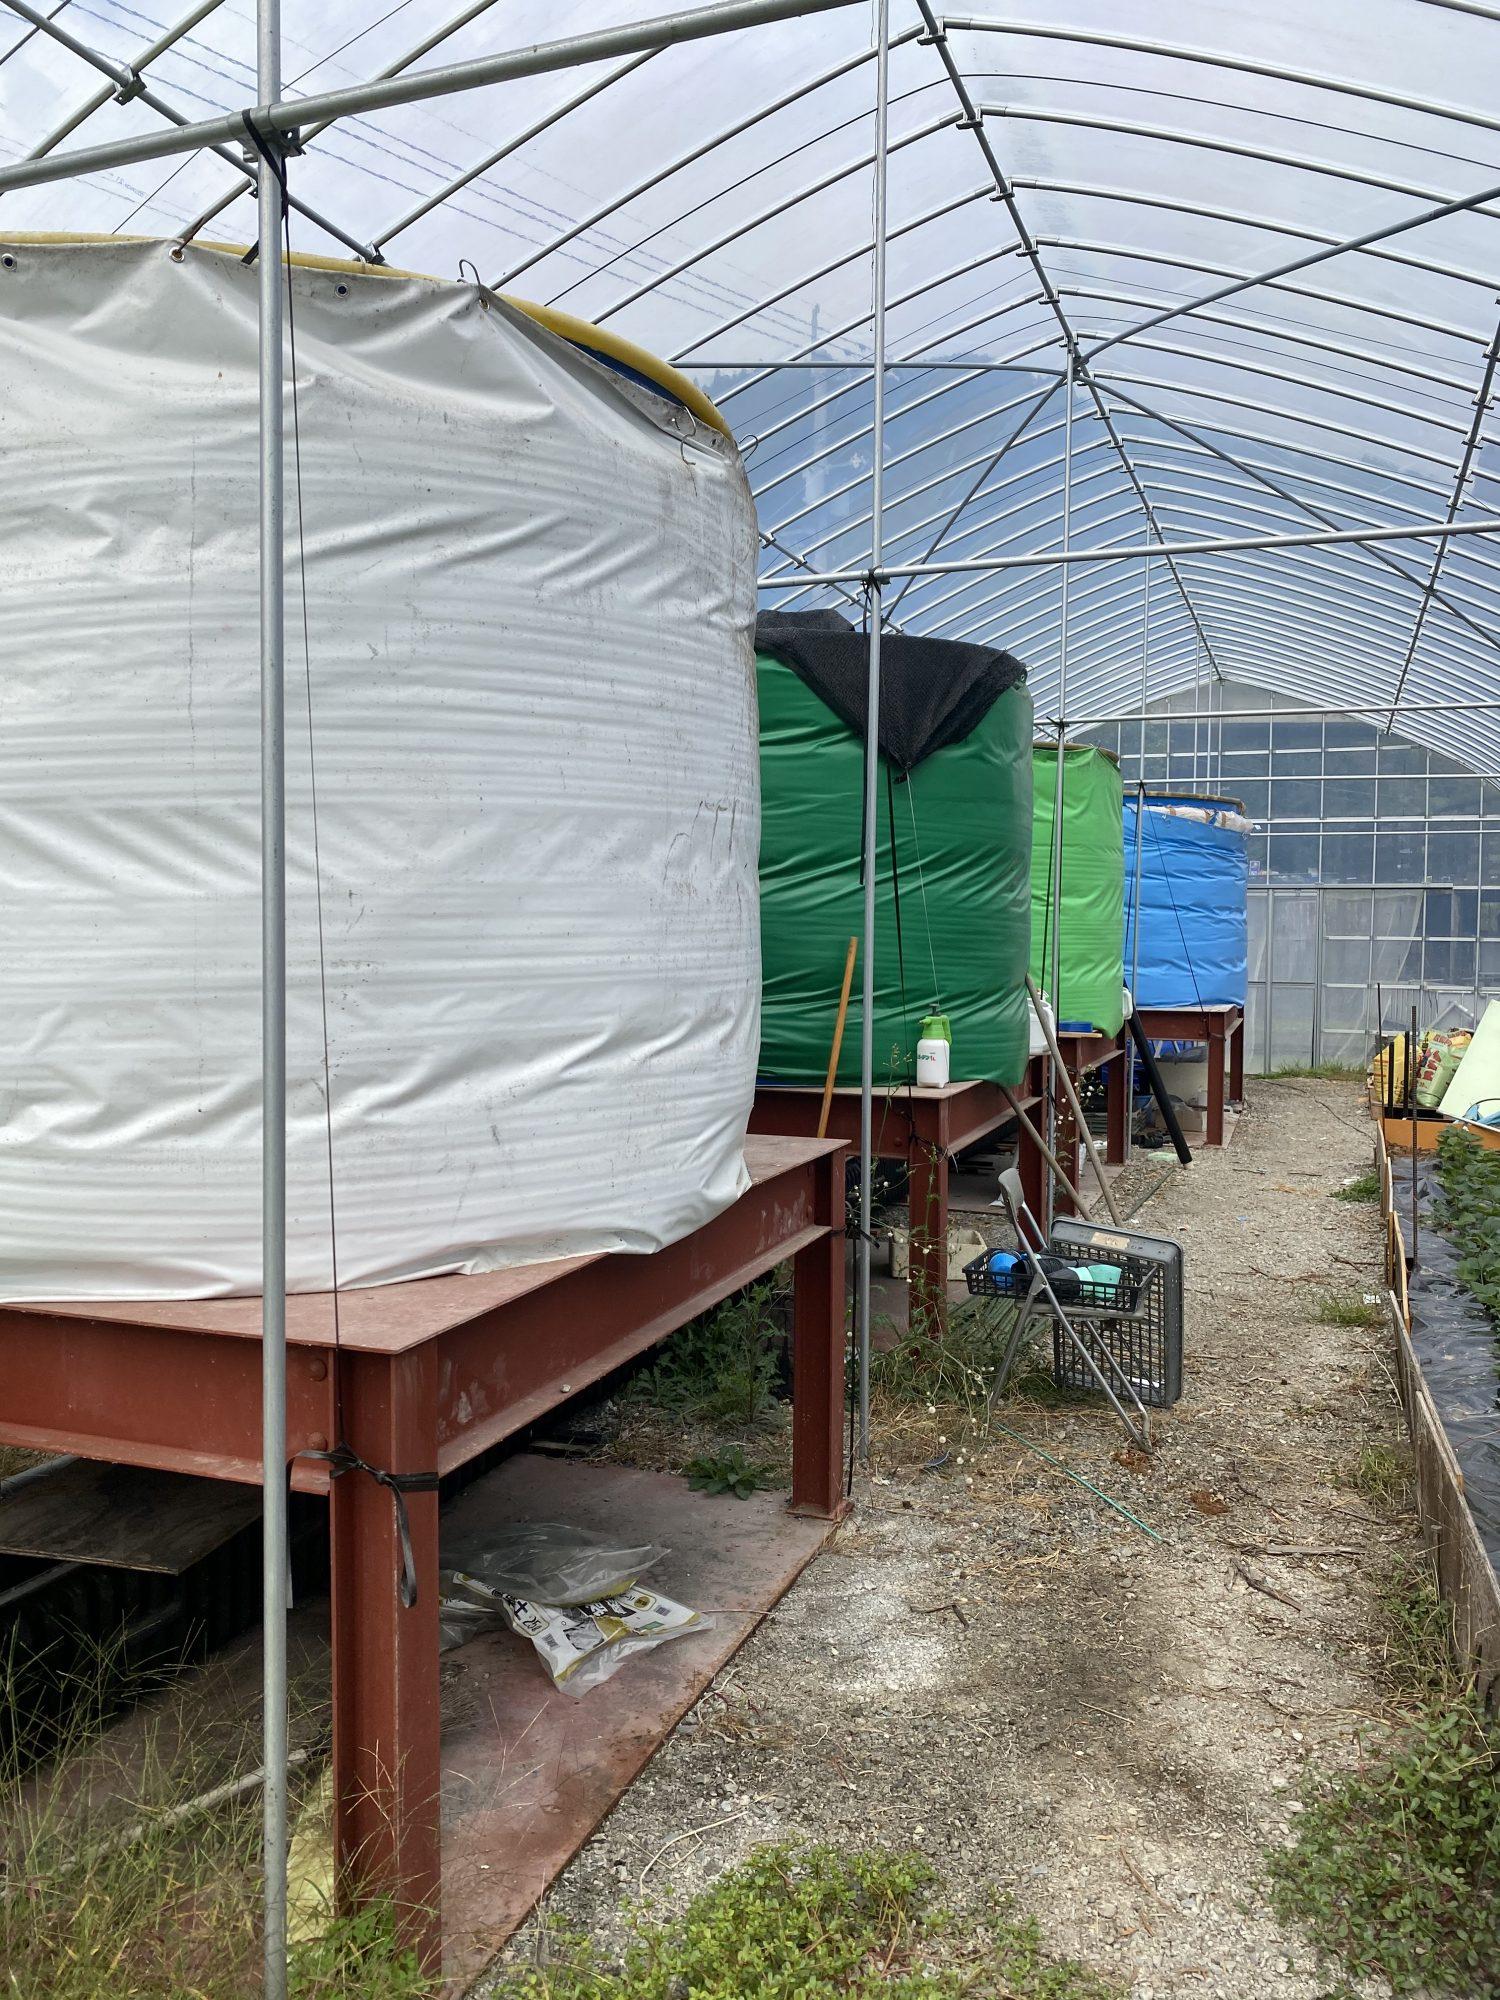 で に の 養殖 村 燃料 温水 うなぎ 使う 西粟倉 は の